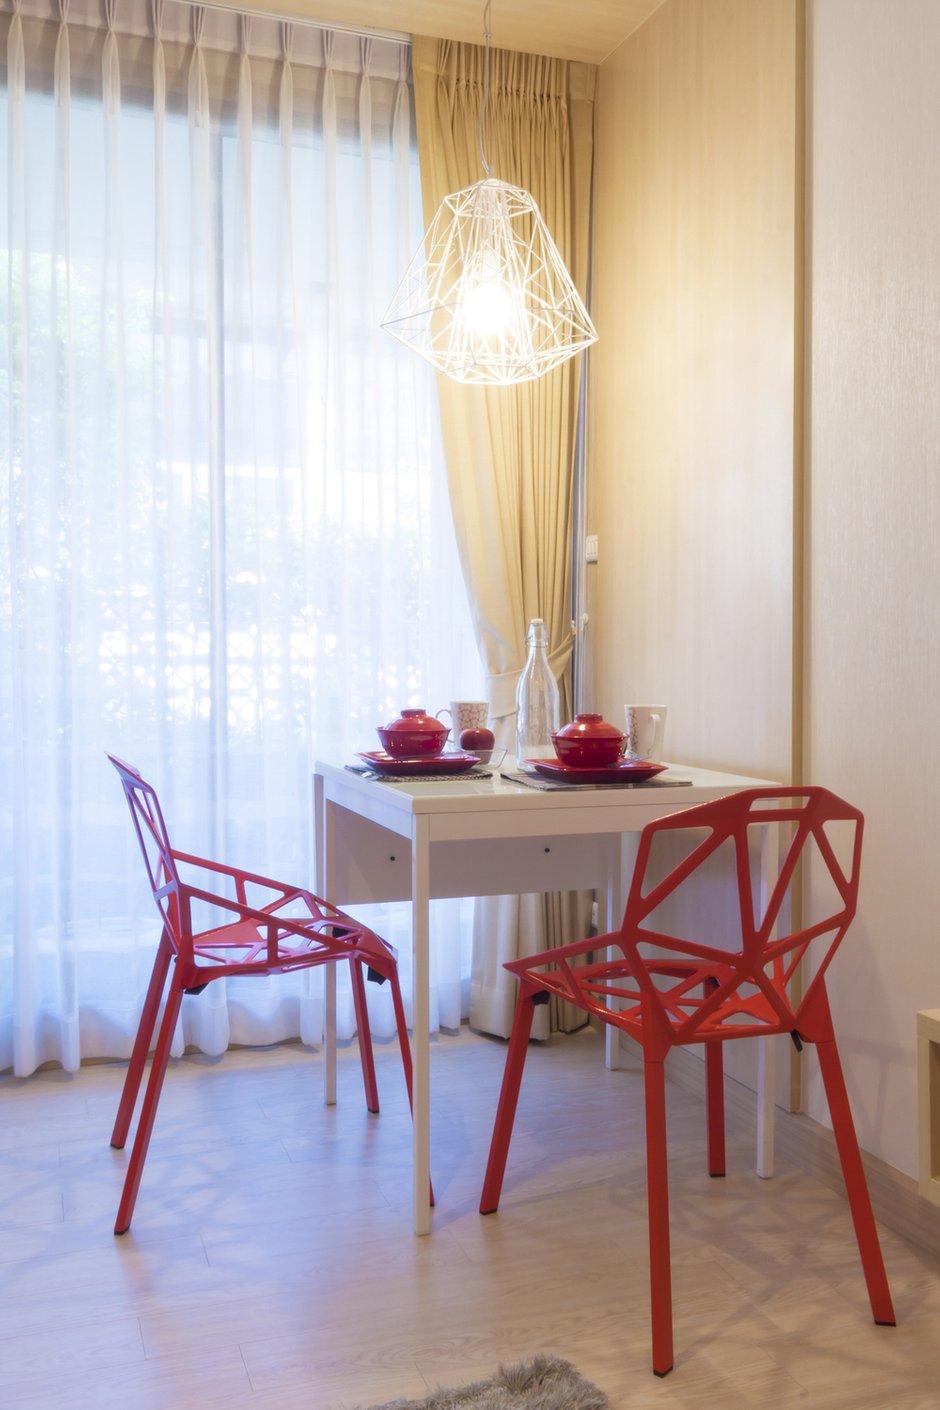 Фотография: Кухня и столовая в стиле Современный, Эклектика, Декор интерьера, Дом, Мебель и свет, Стол, Винтаж – фото на INMYROOM